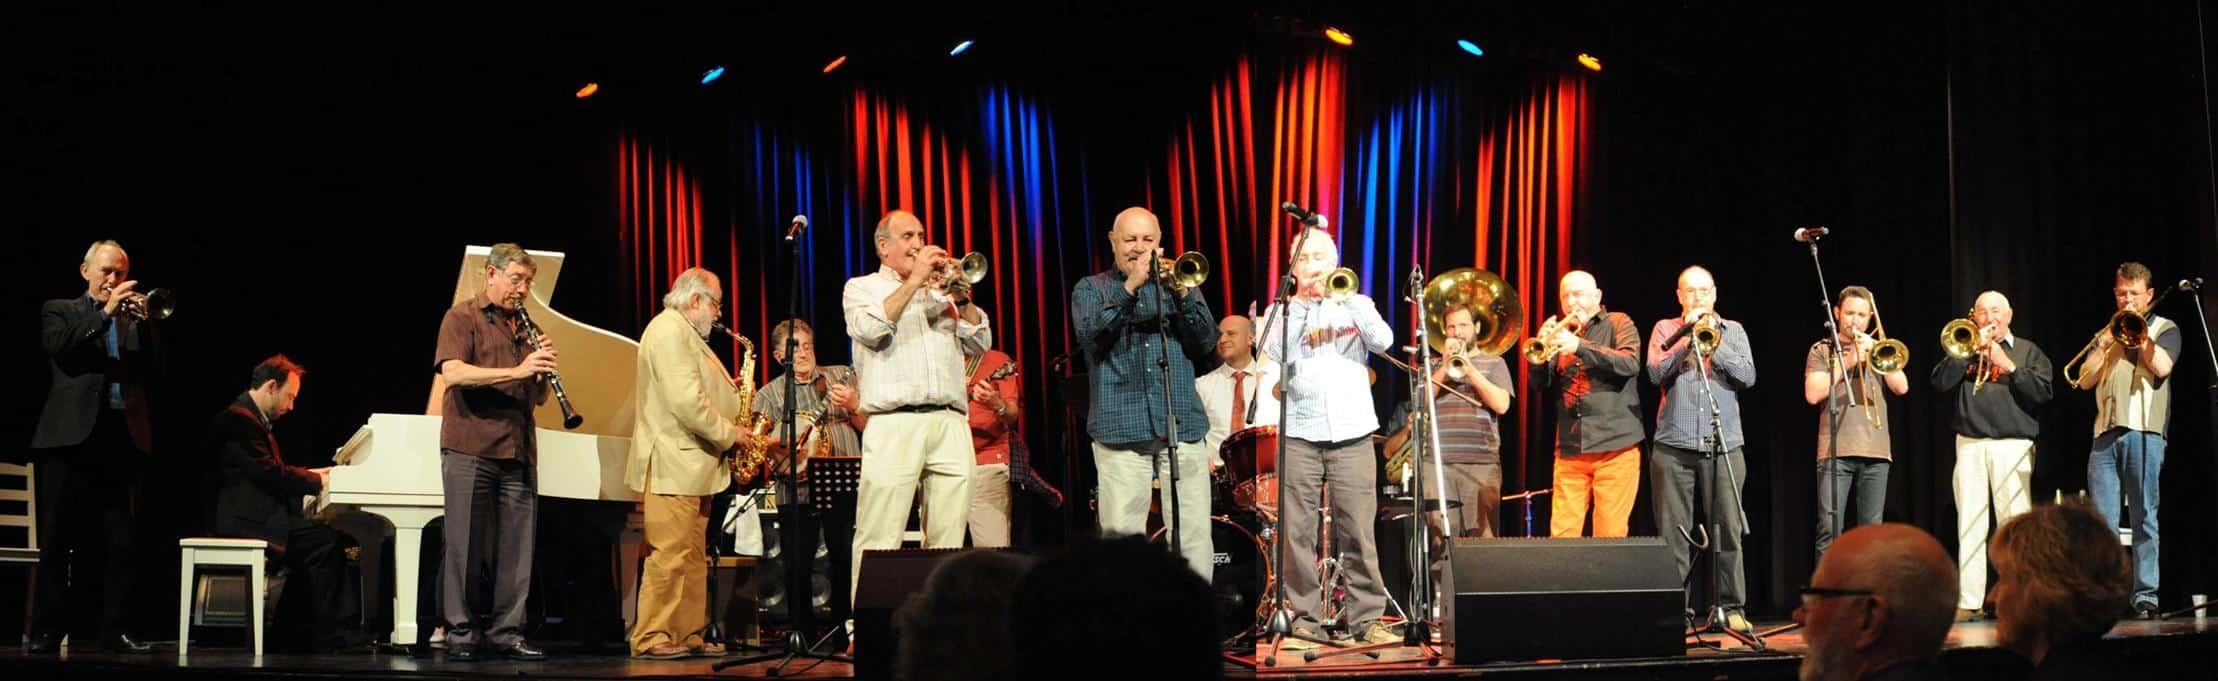 Jazz at The J